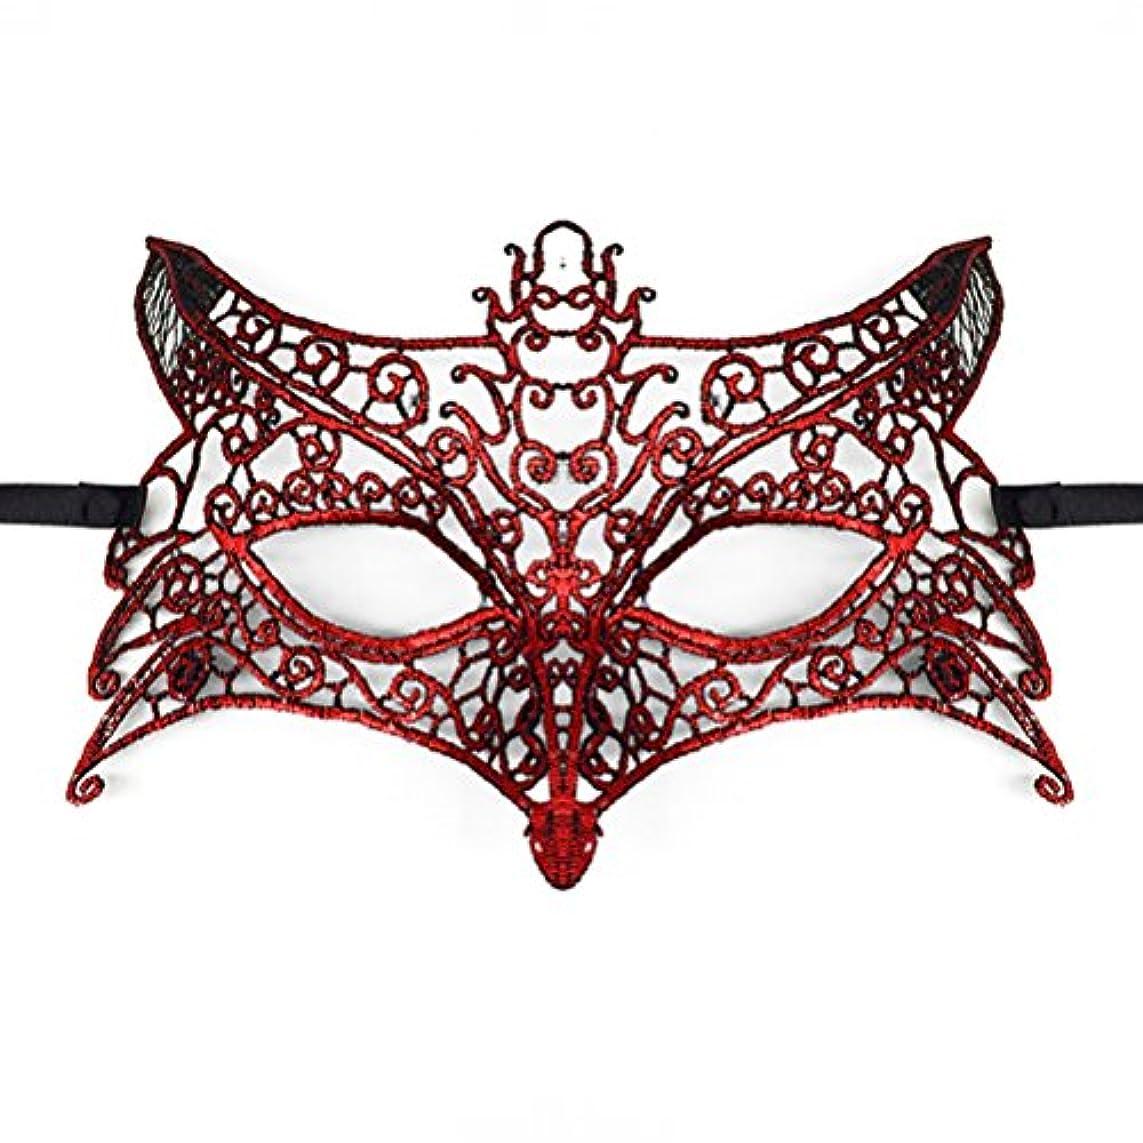 ダイバーゲージ力Toyvian ハロウィーンパーティー用レースマスカレードマスク(ウルフヘッド)